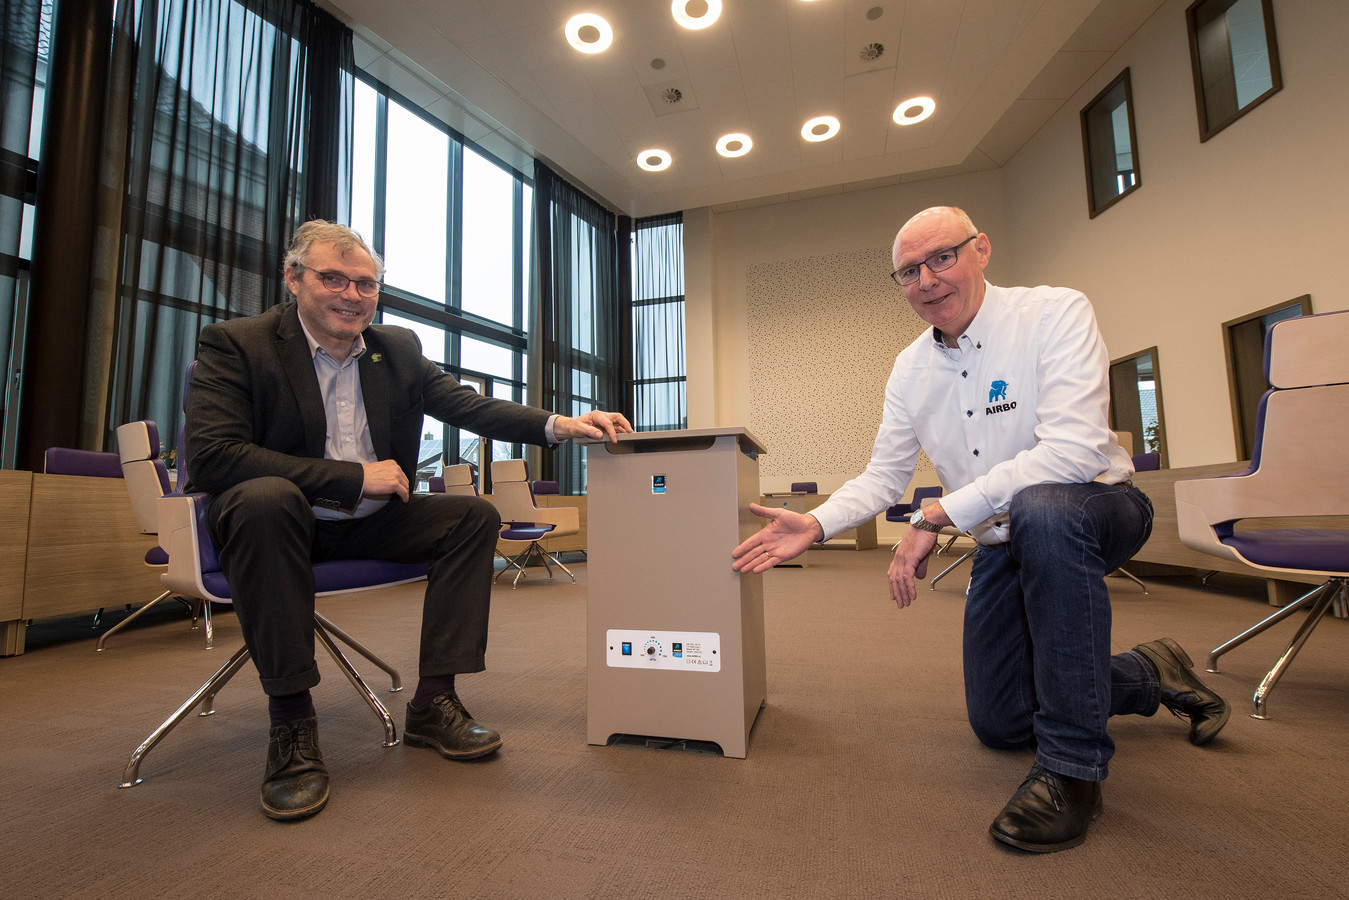 Aircleaners tegen coronavirus in de raadzaal van gemeentehuis in Neder-Betuwe. Burgemeester Kottelenberg (links) is blij met de 'nachtkastjes' van Henk Klop.